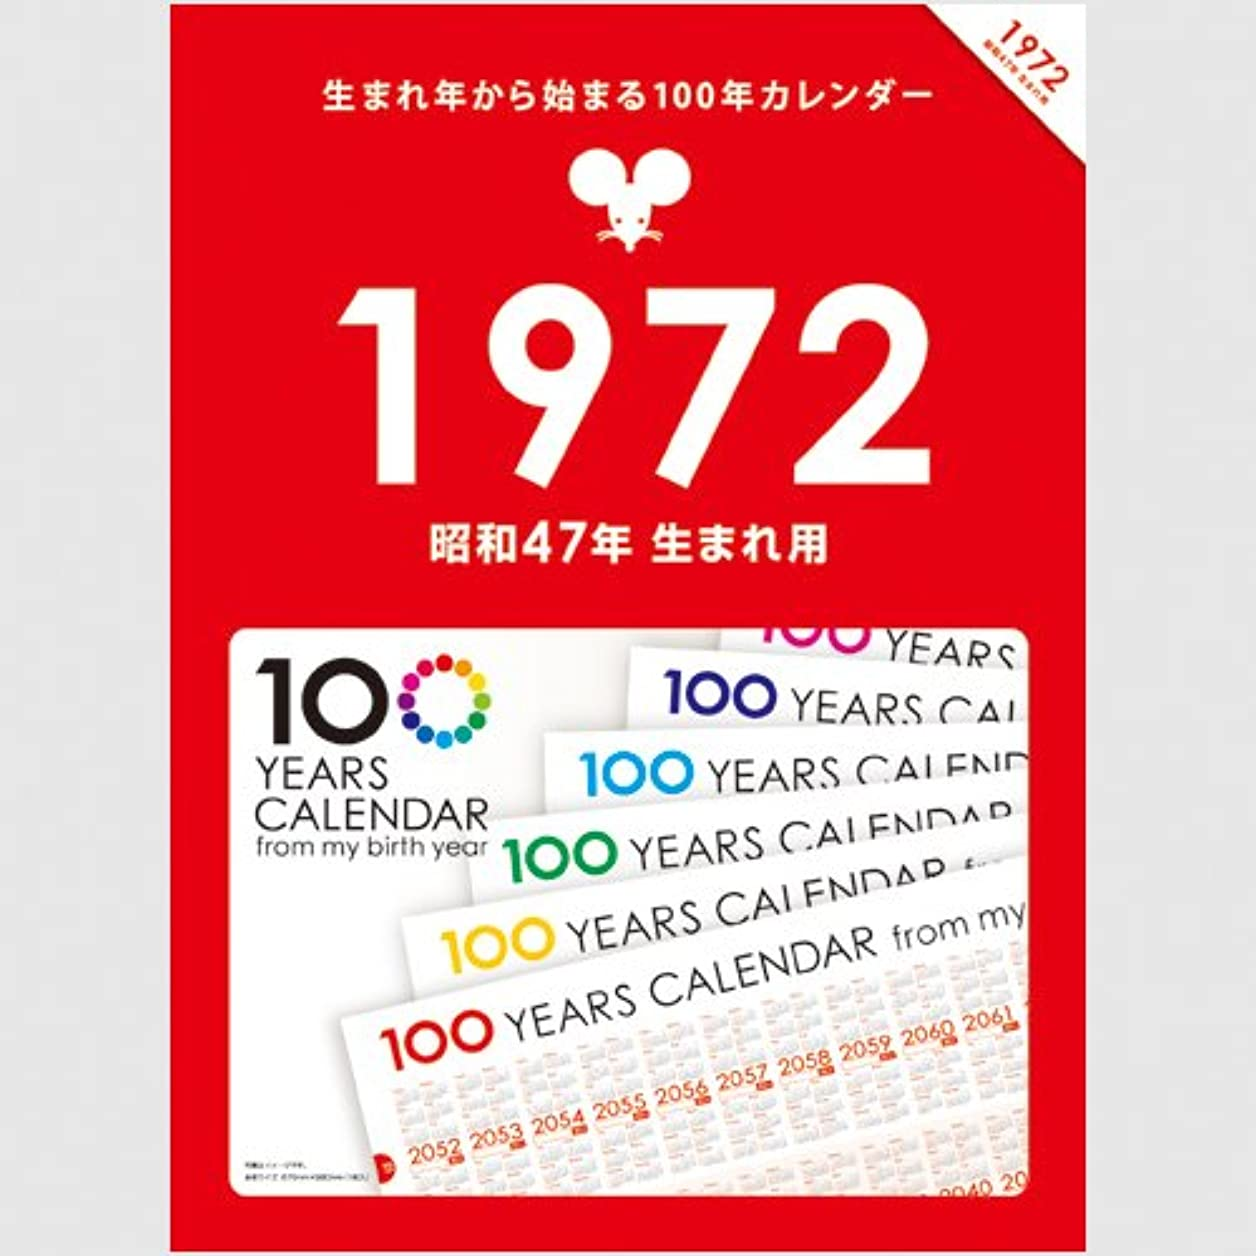 ウッズ居間シールド生まれ年から始まる100年カレンダーシリーズ 1972年生まれ用(昭和47年生まれ用)